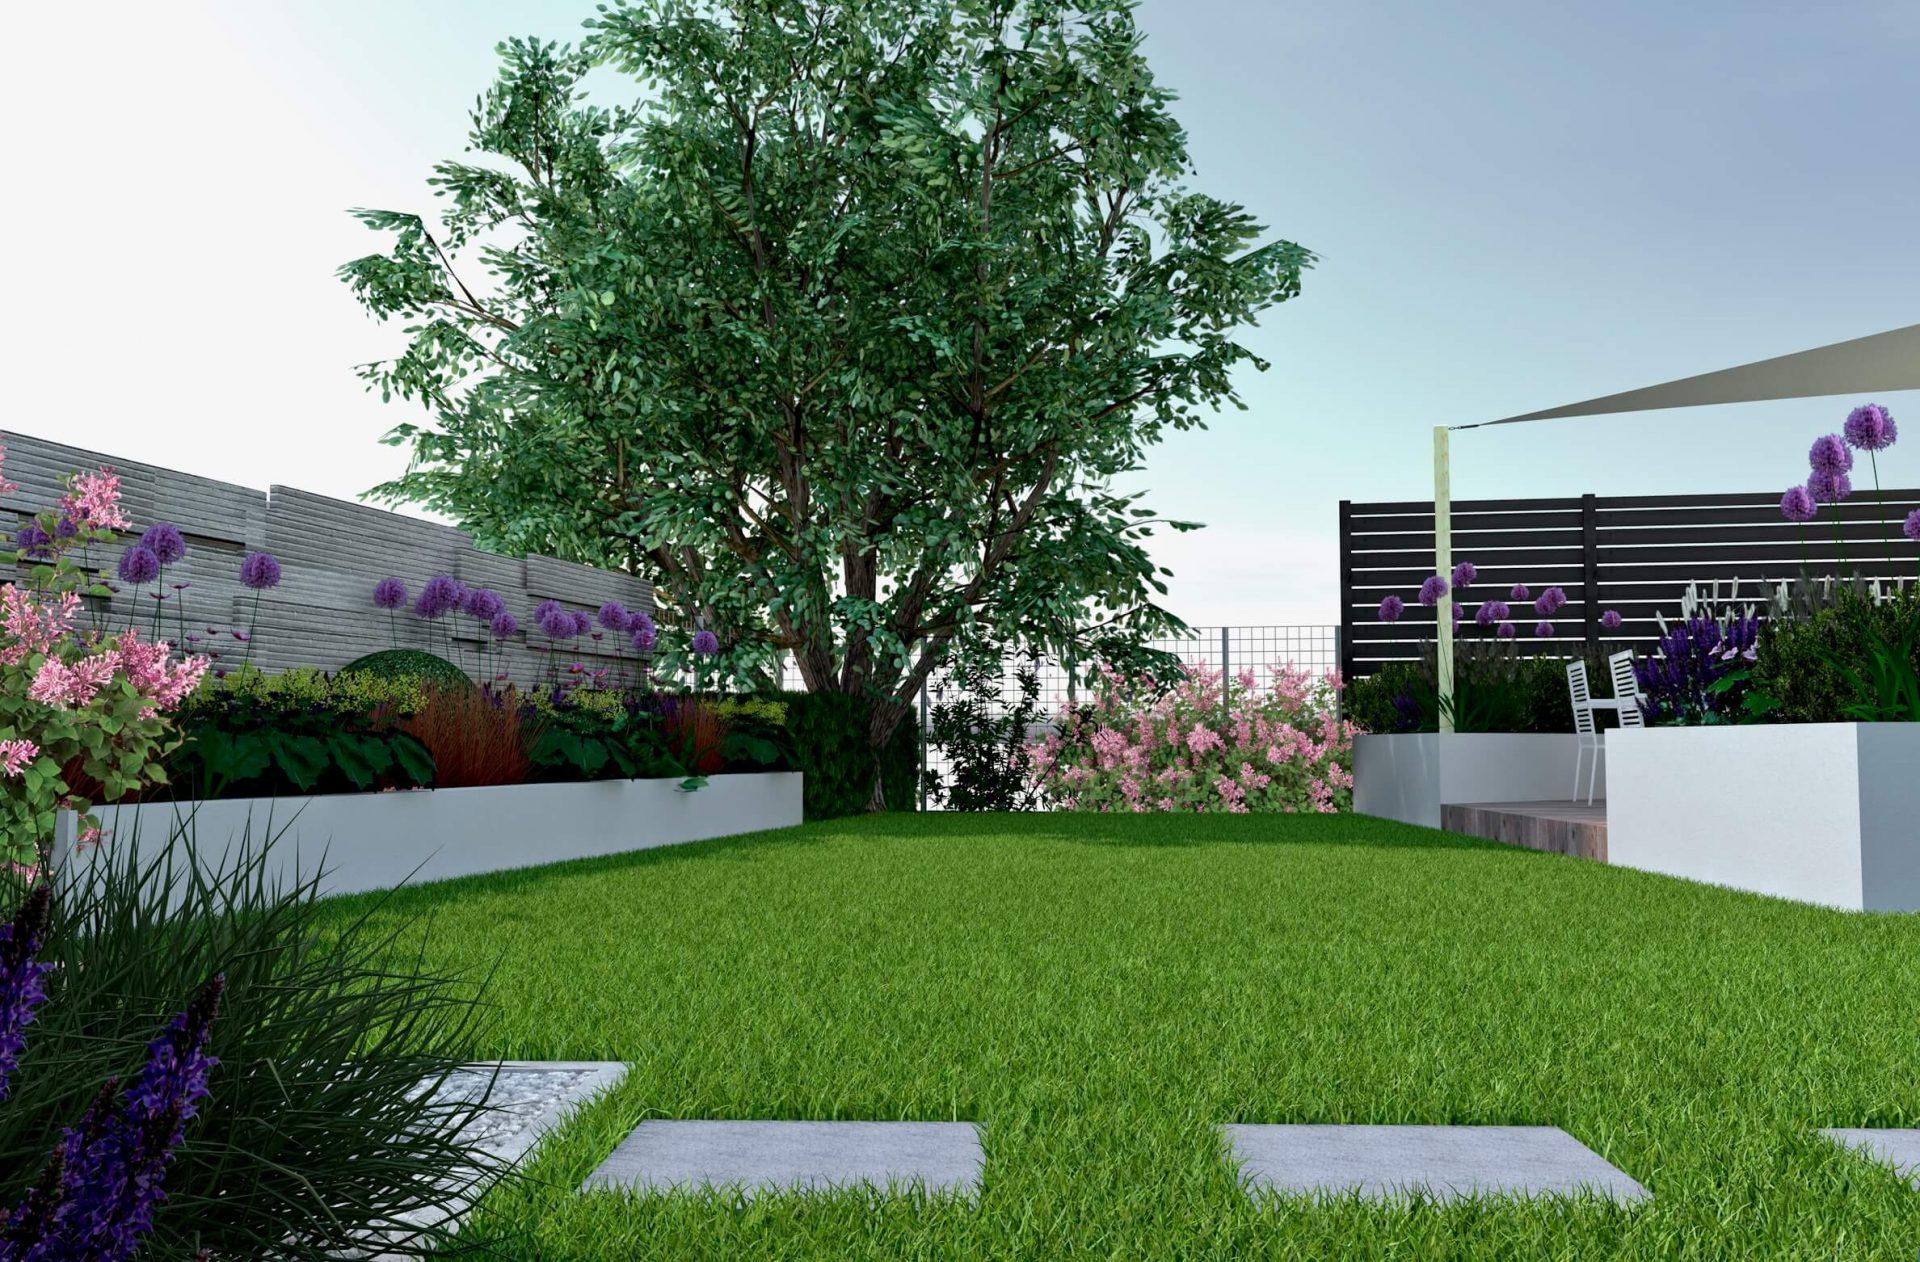 Wizualizacja, białe murowane donice, czosnek ozdobny, żagiel przeciwsłoneczny, projekt ogrodu